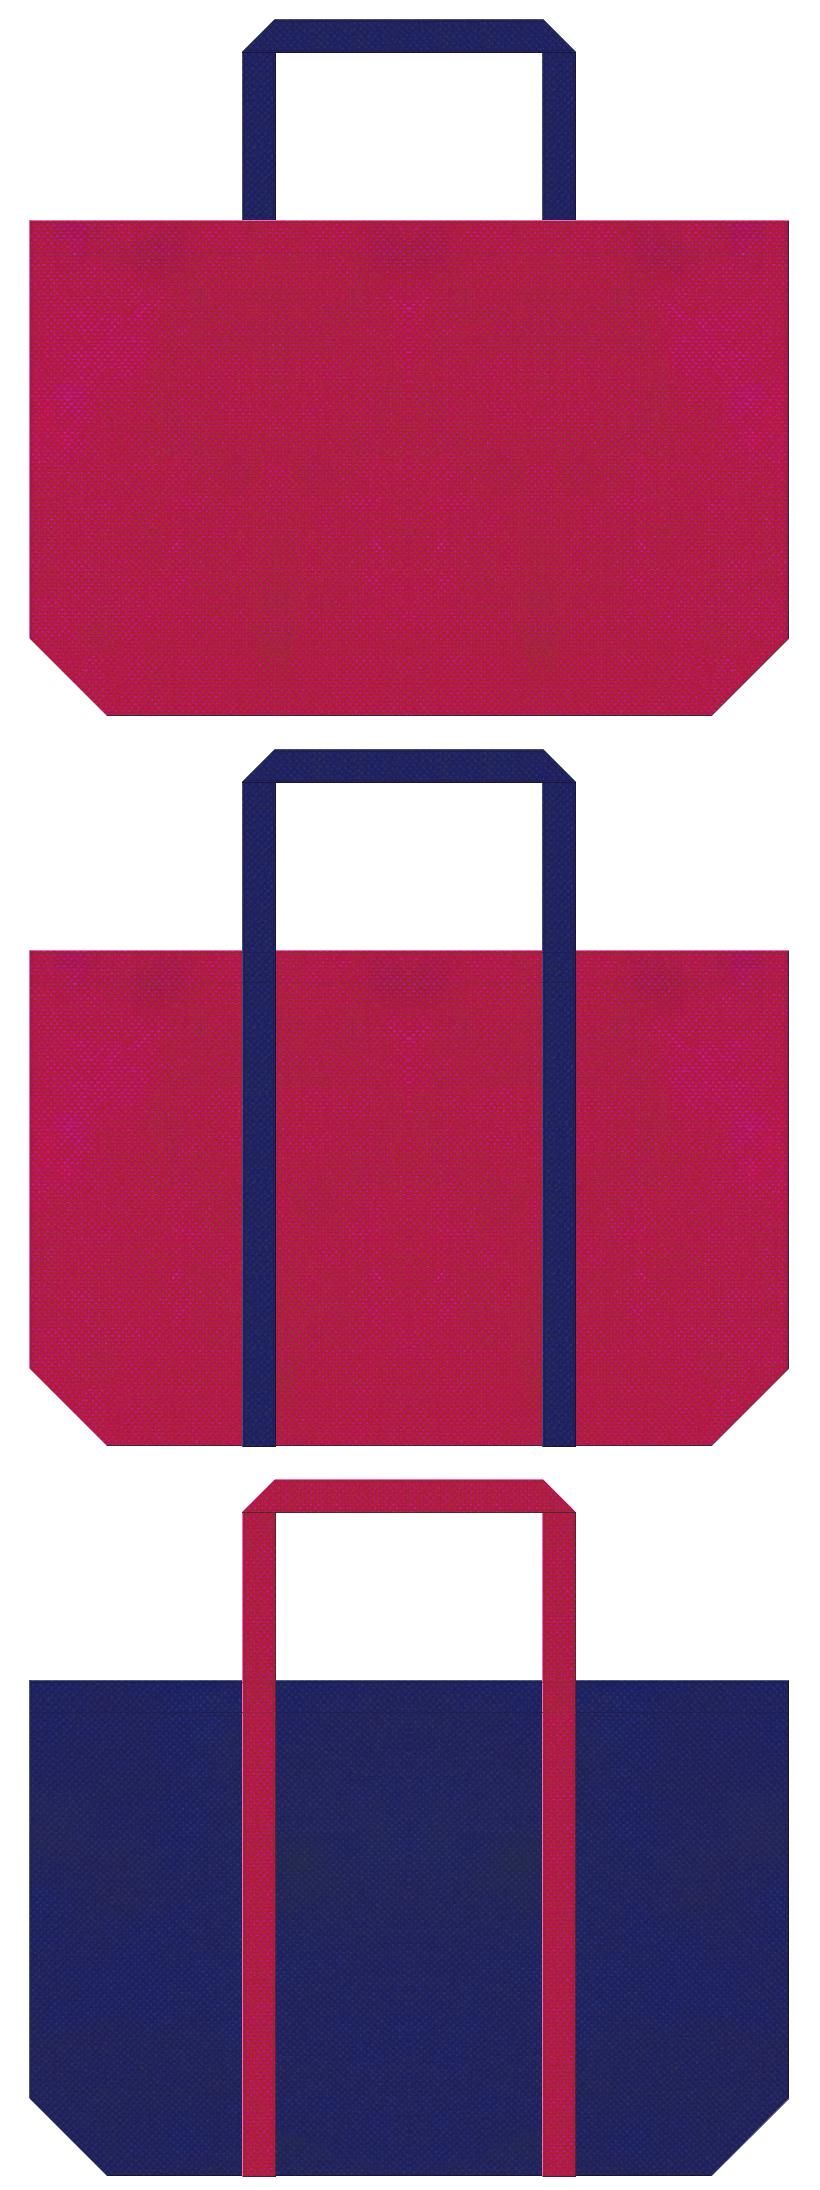 濃いピンク色と明るい紺色の不織布ショッピングバッグデザイン。